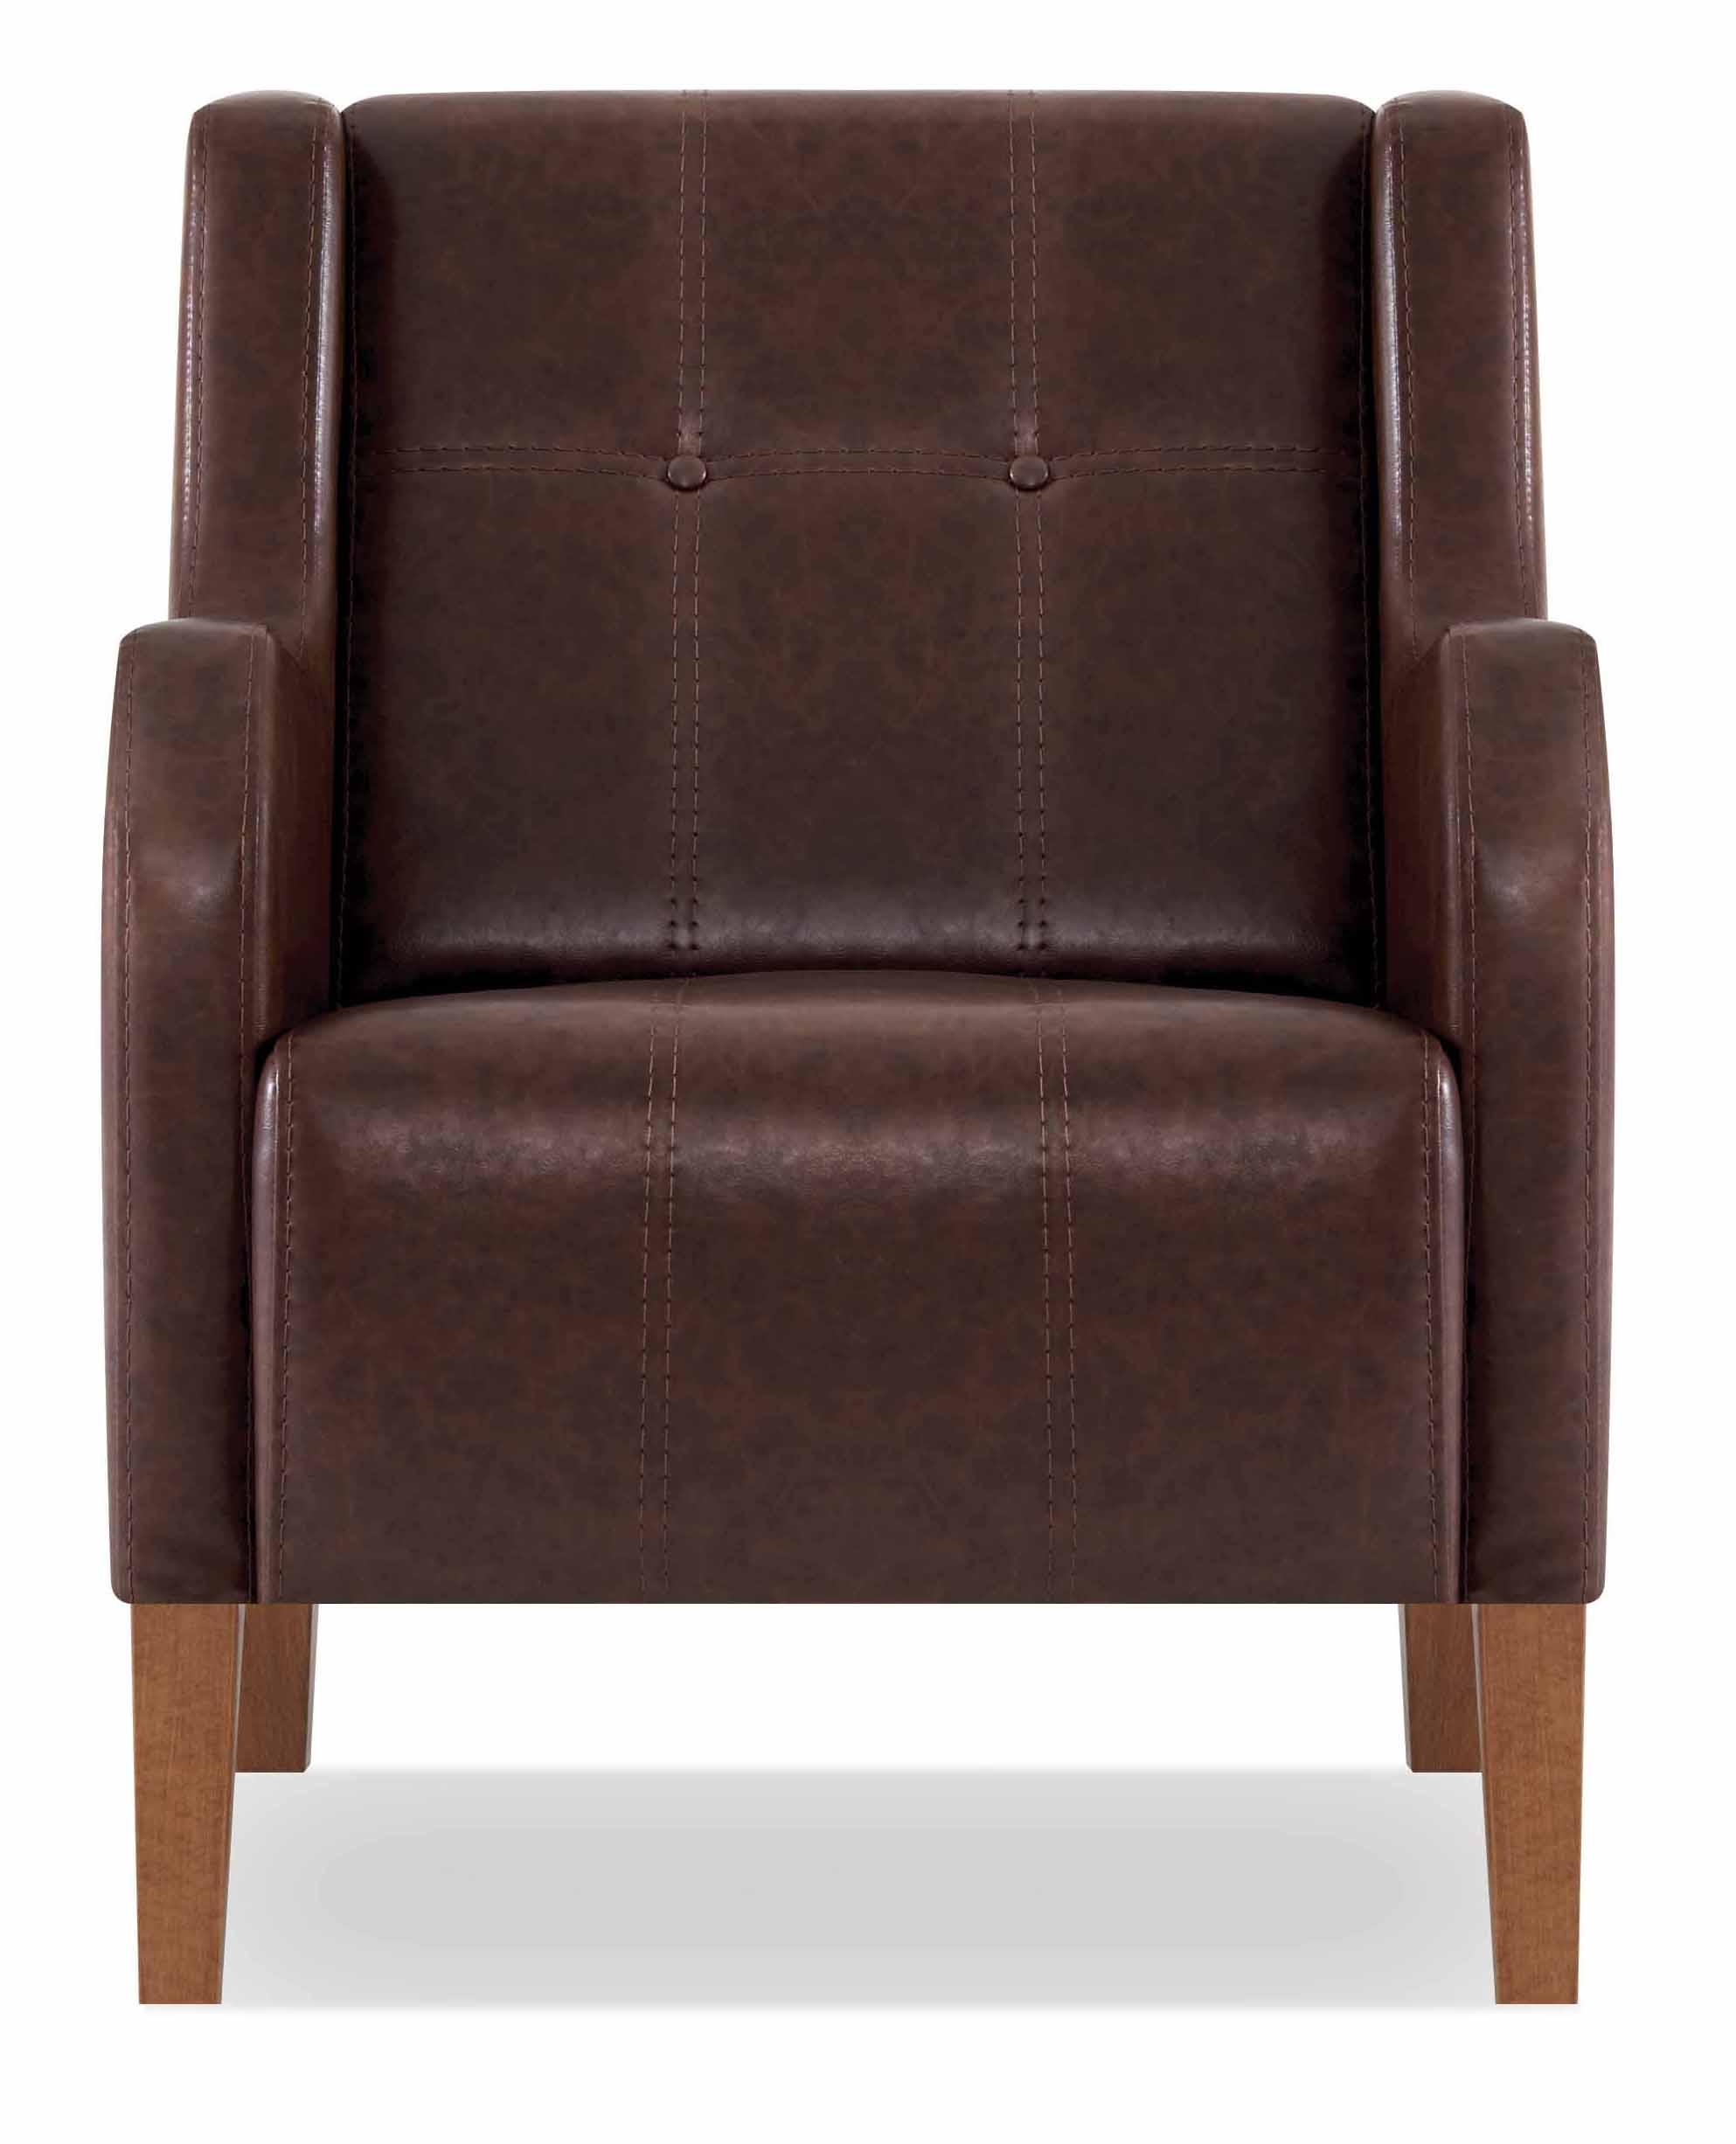 wazur sitzgruppe aus sofa und 2 sesseln in braun g nstig kaufen m bel star. Black Bedroom Furniture Sets. Home Design Ideas